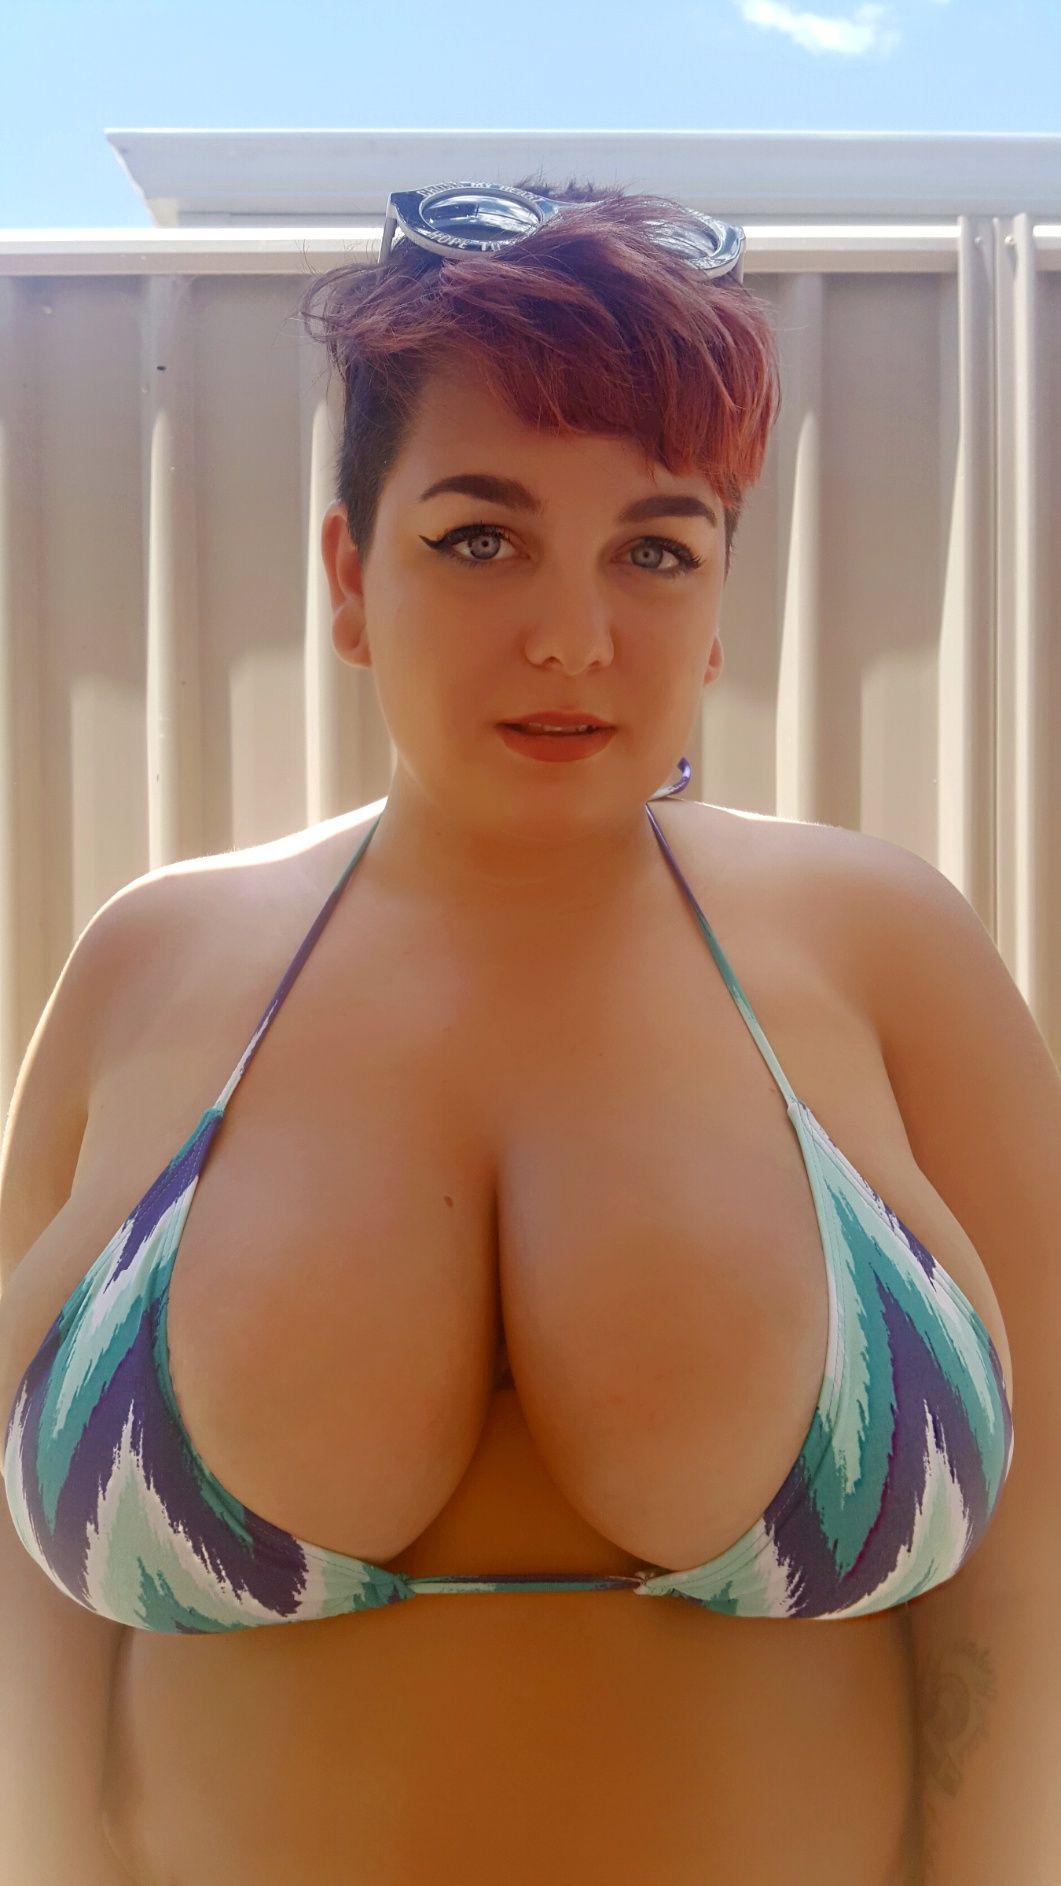 Bbw bikini tumblr